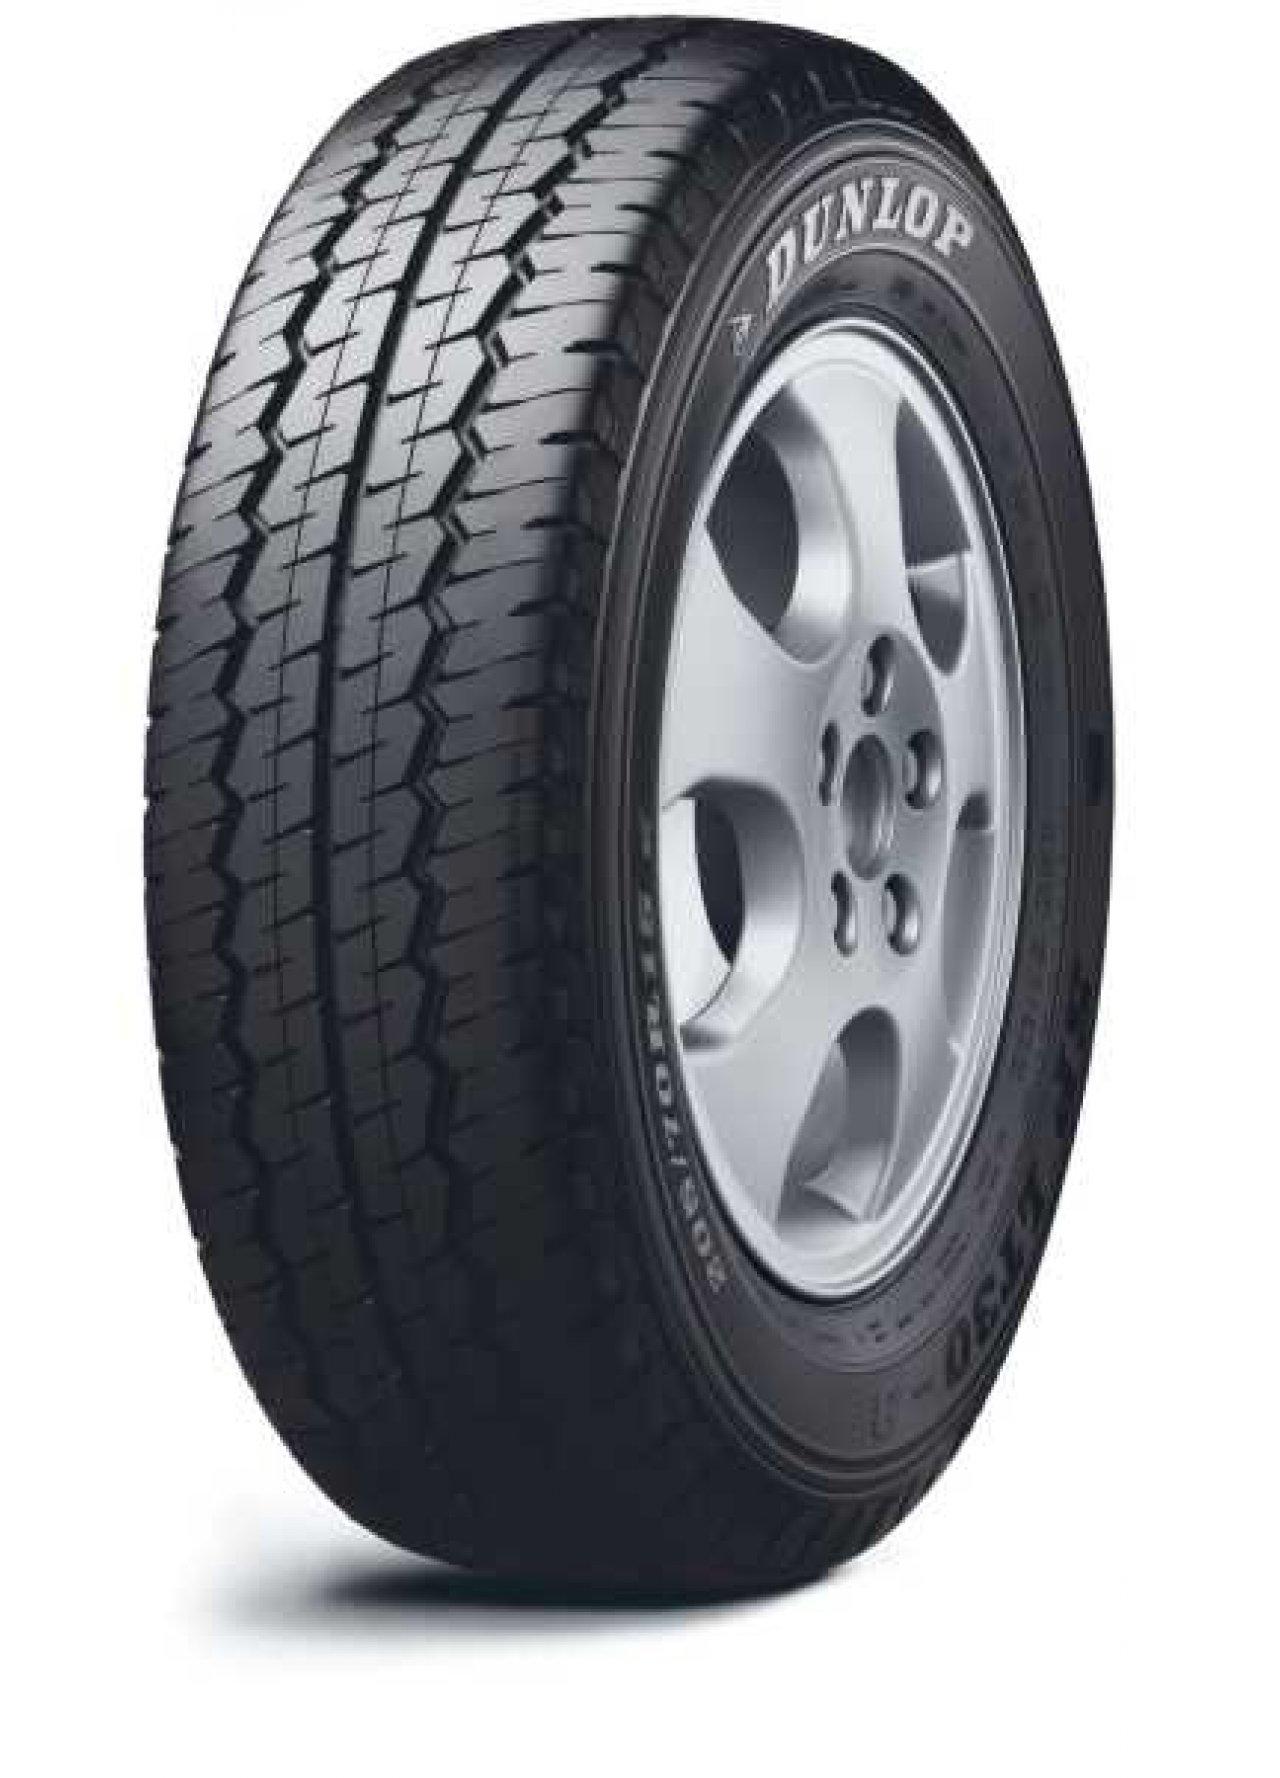 Dunlop SP LT 30-6 215/65 R16C 106/104T